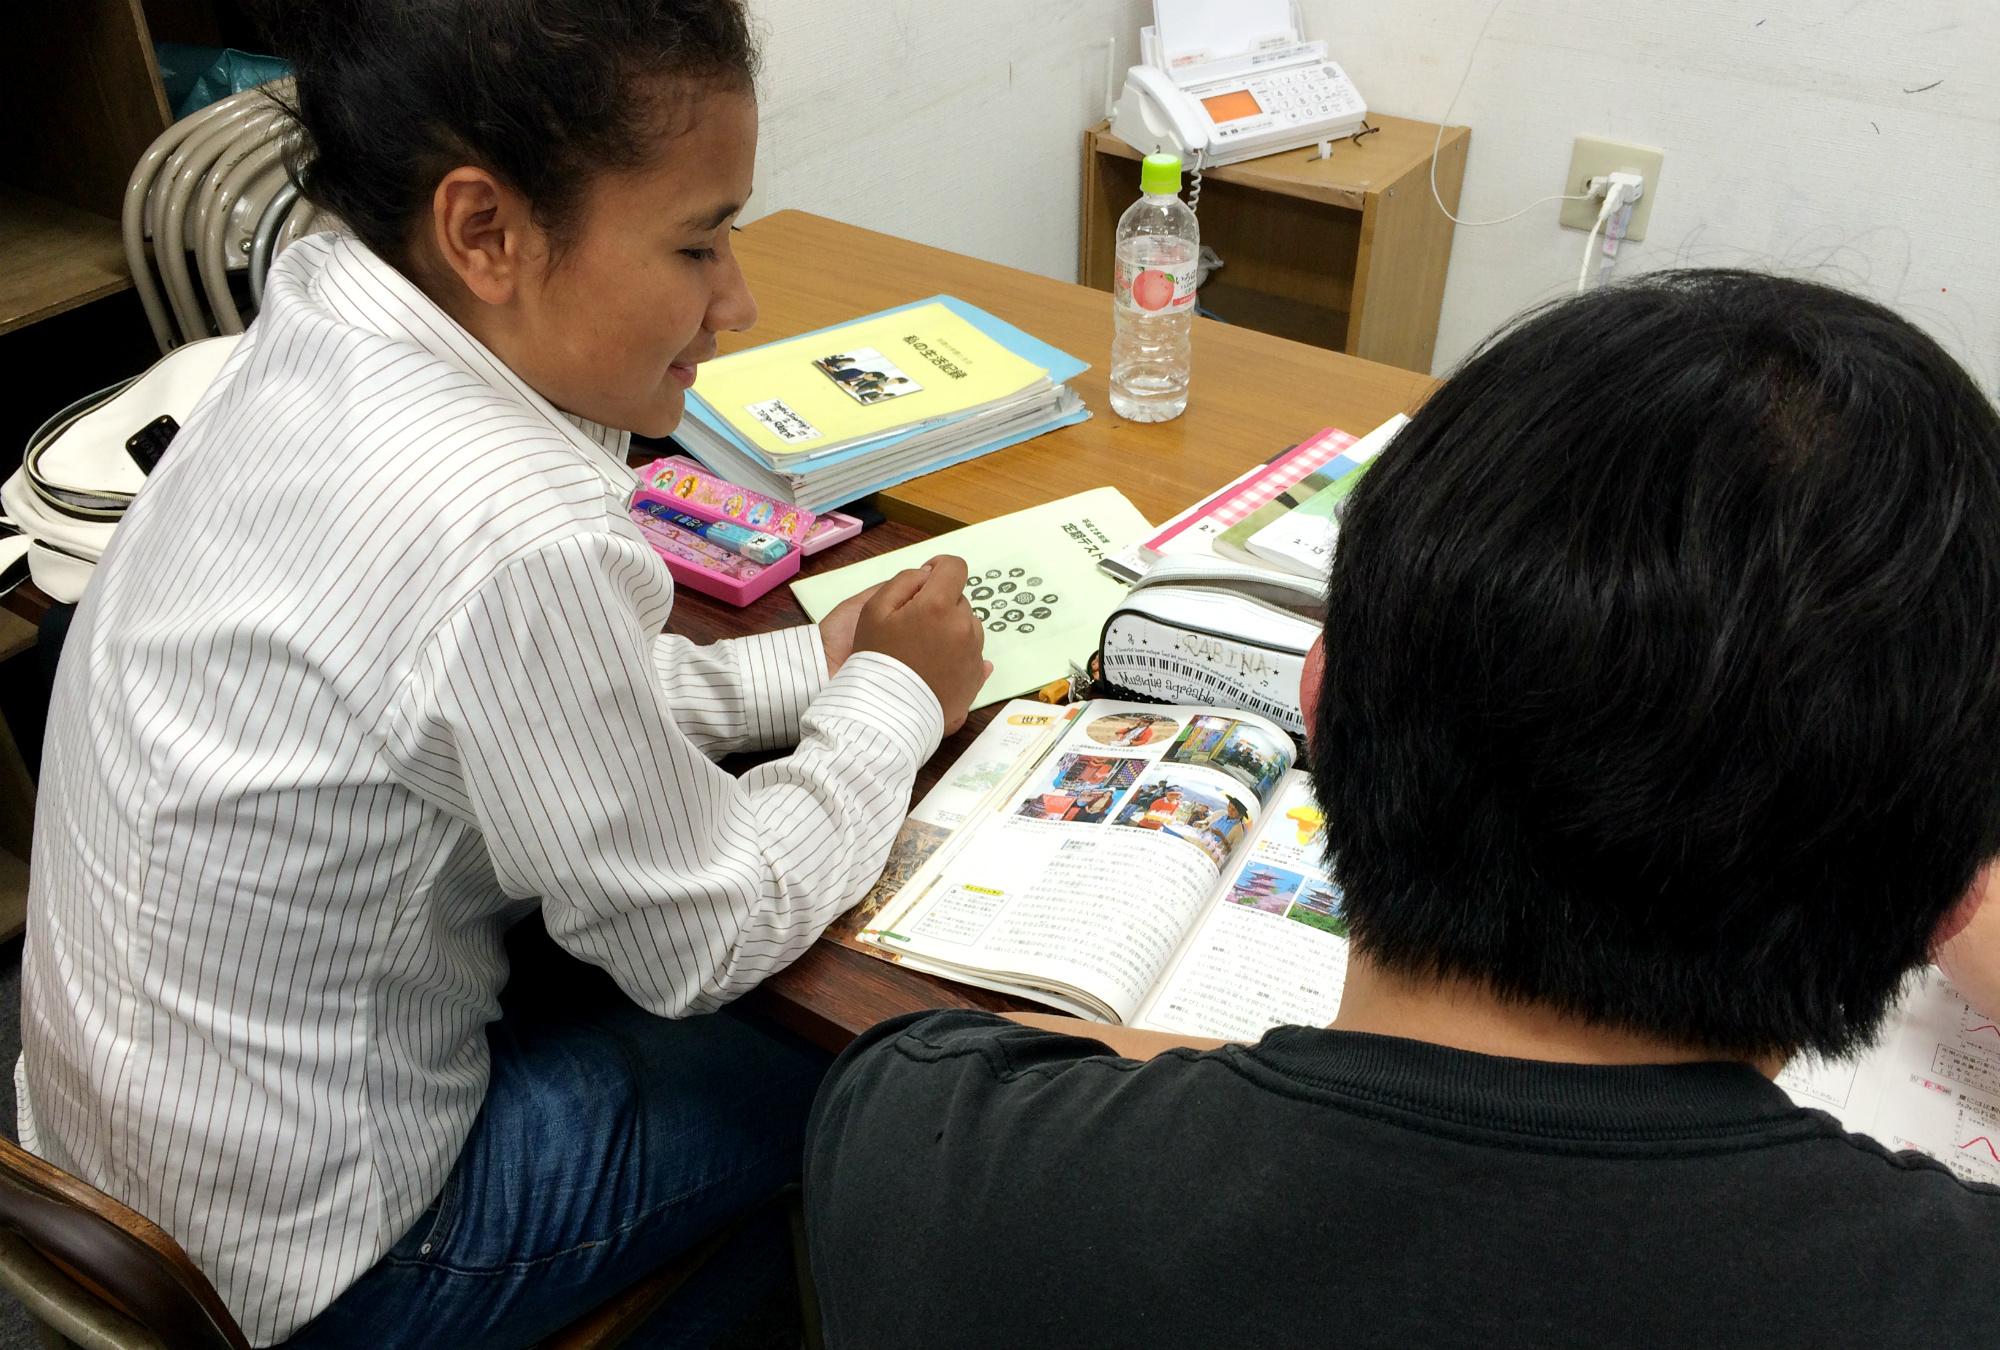 日本で暮らす外国にルーツを持つ子どもが苦しんでいること-教育支援の地域間格差。言葉の壁から不登校や進学困難に